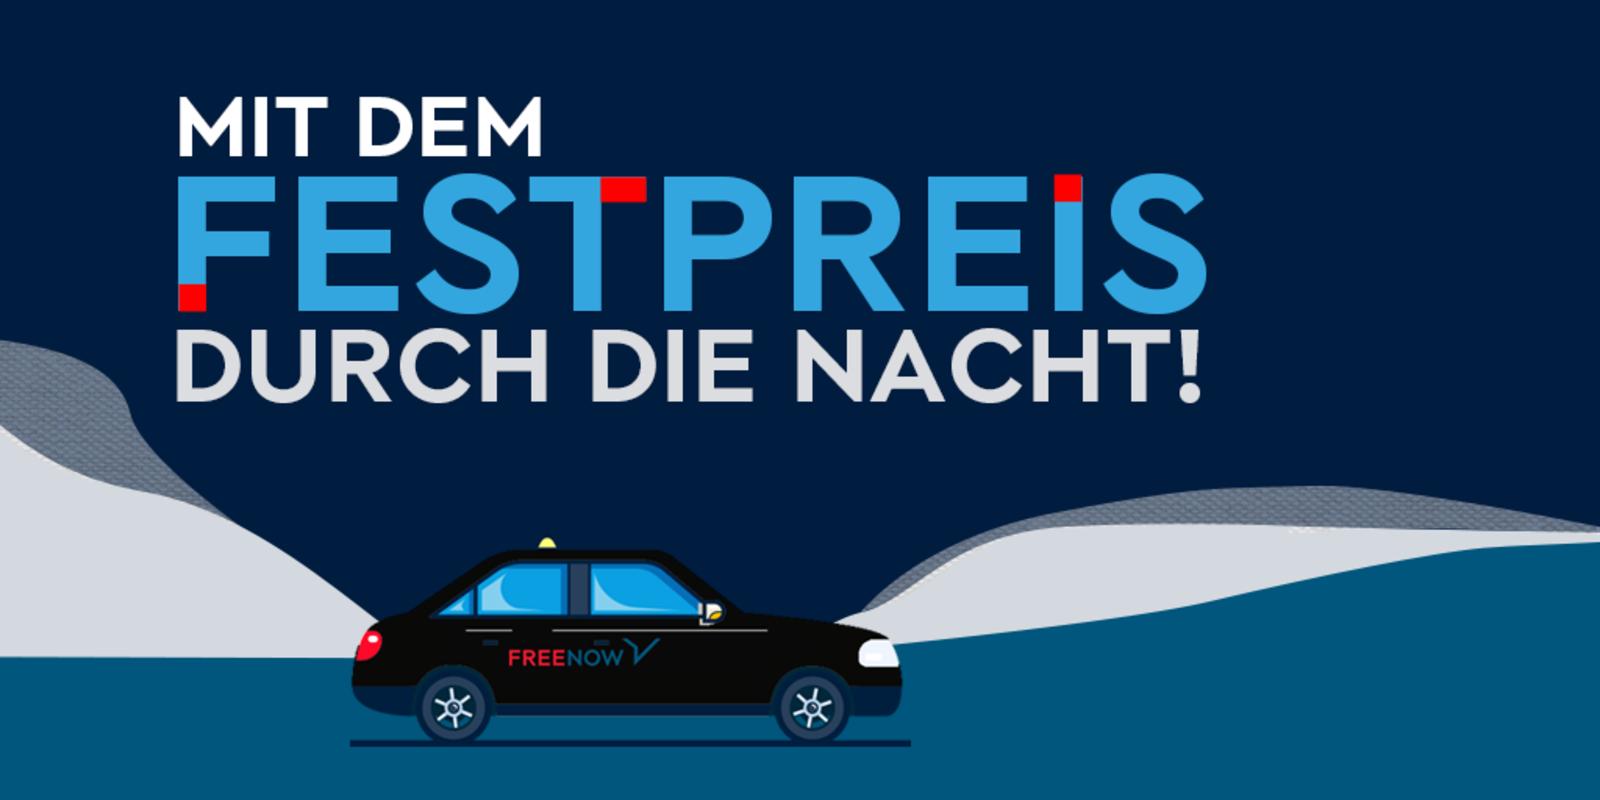 Free Now Taxi in Hamburg HH €4 / €8 Festpreis von 0-6 Uhr